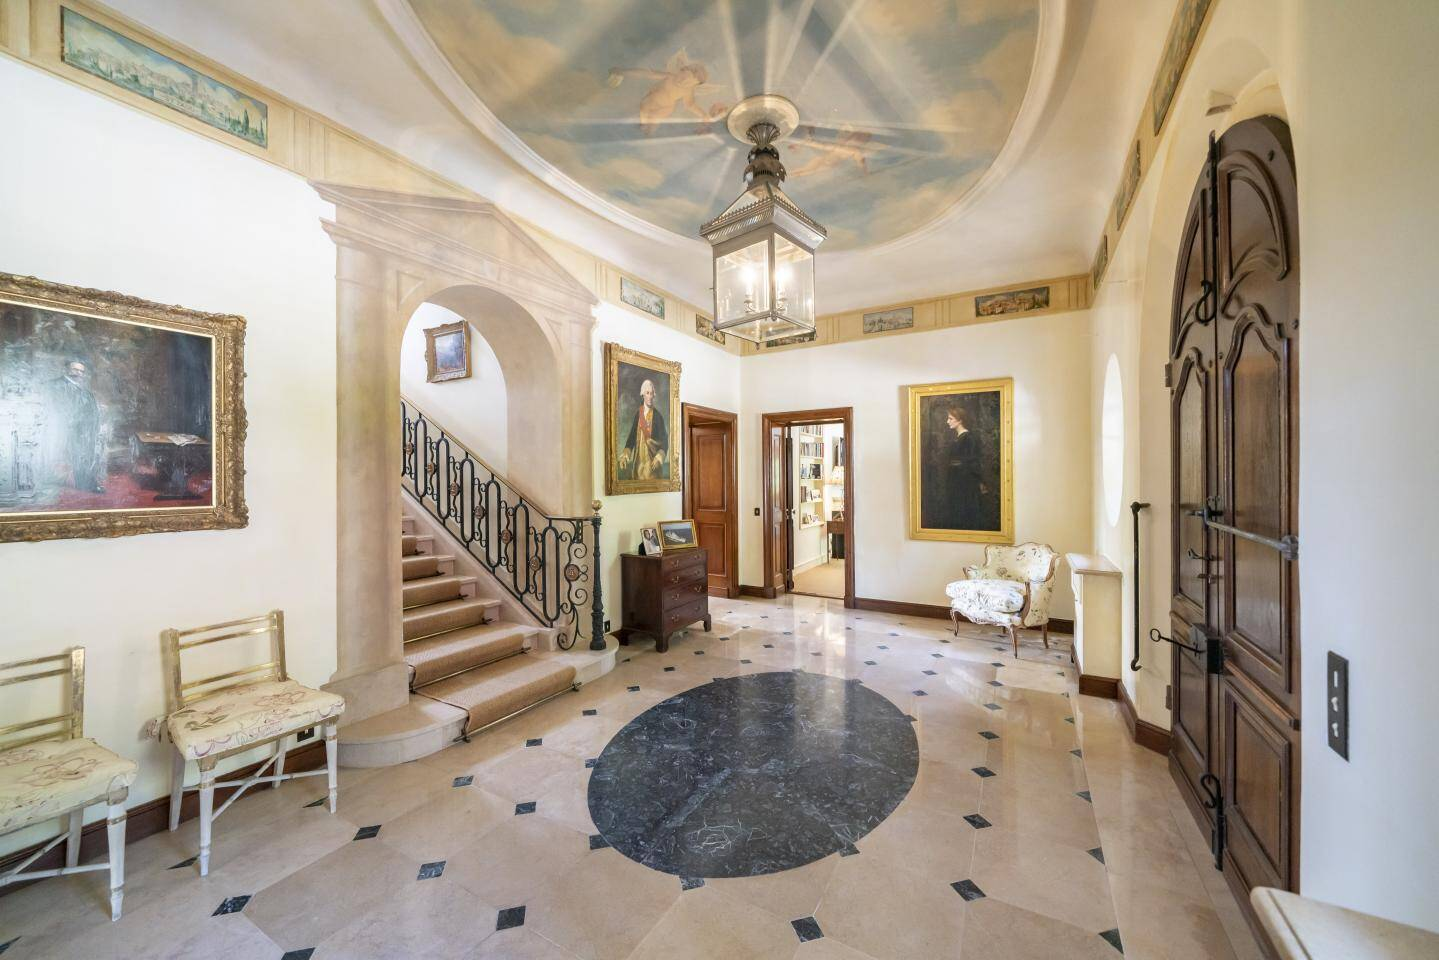 La demeure possède un escalier en pierre et sa rampe Louis XIII.